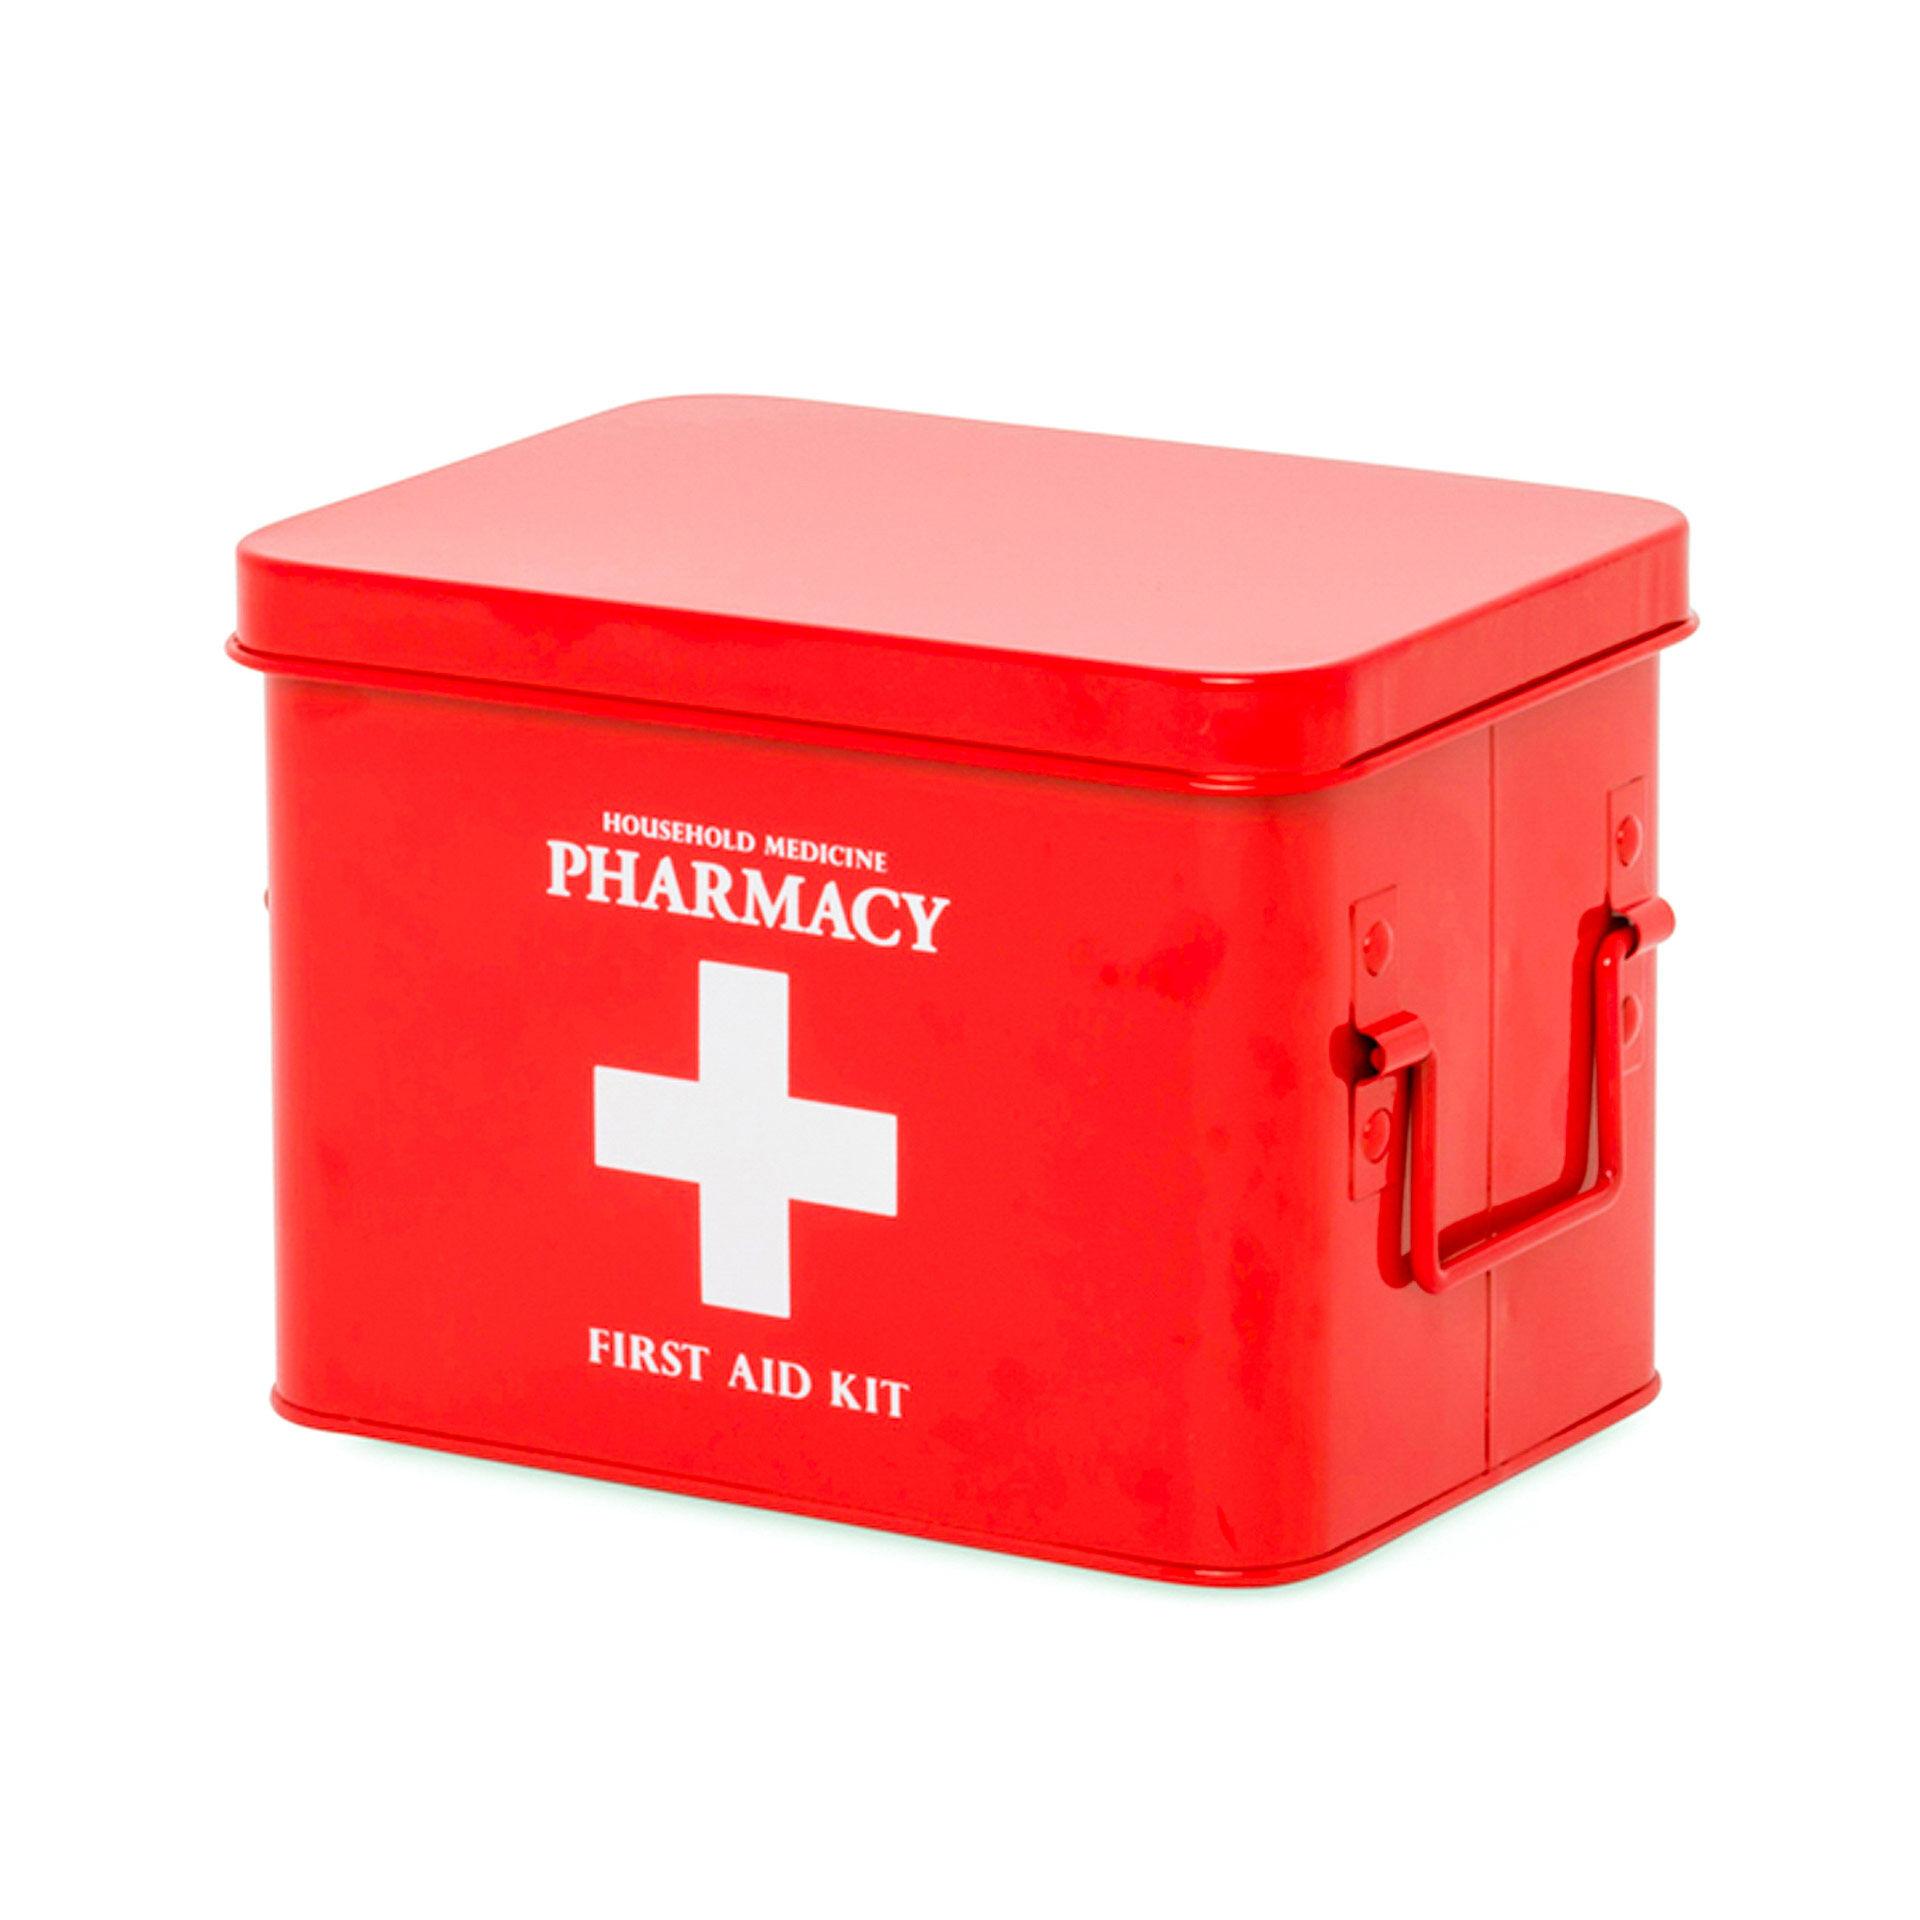 Boîte en métal pour médicaments - large, , large